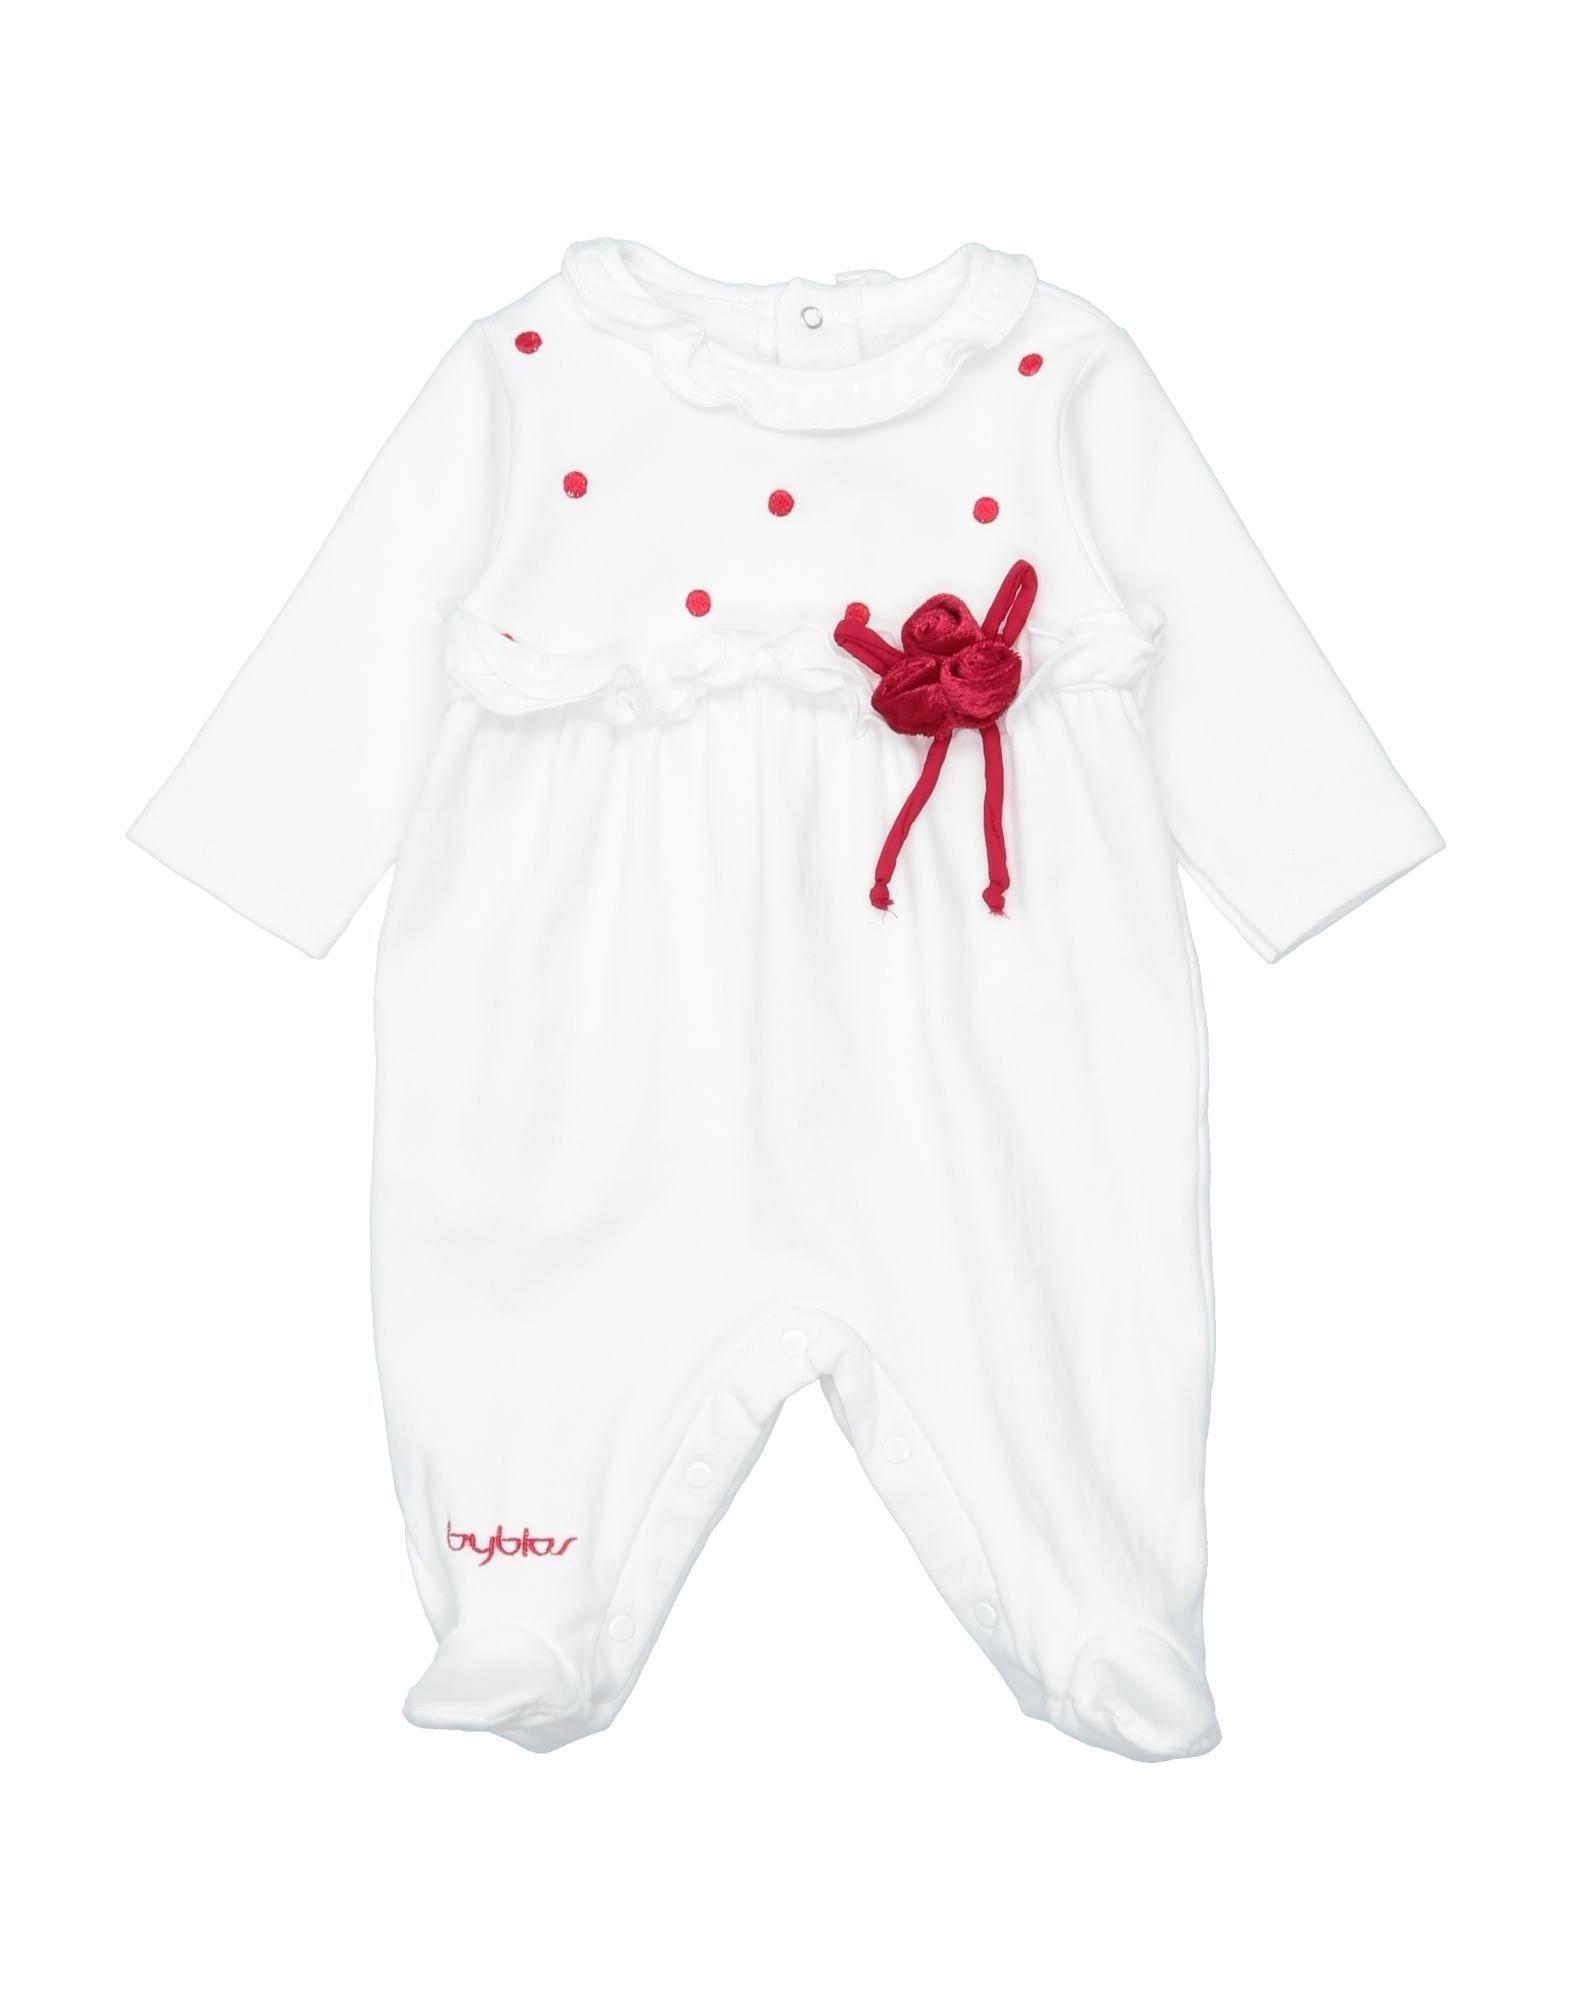 YOOX.COM(ユークス)《セール開催中》BYBLOS ガールズ 0-24 ヶ月 乳幼児用ロンパース ホワイト 1 コットン 94% / ポリウレタン 6%